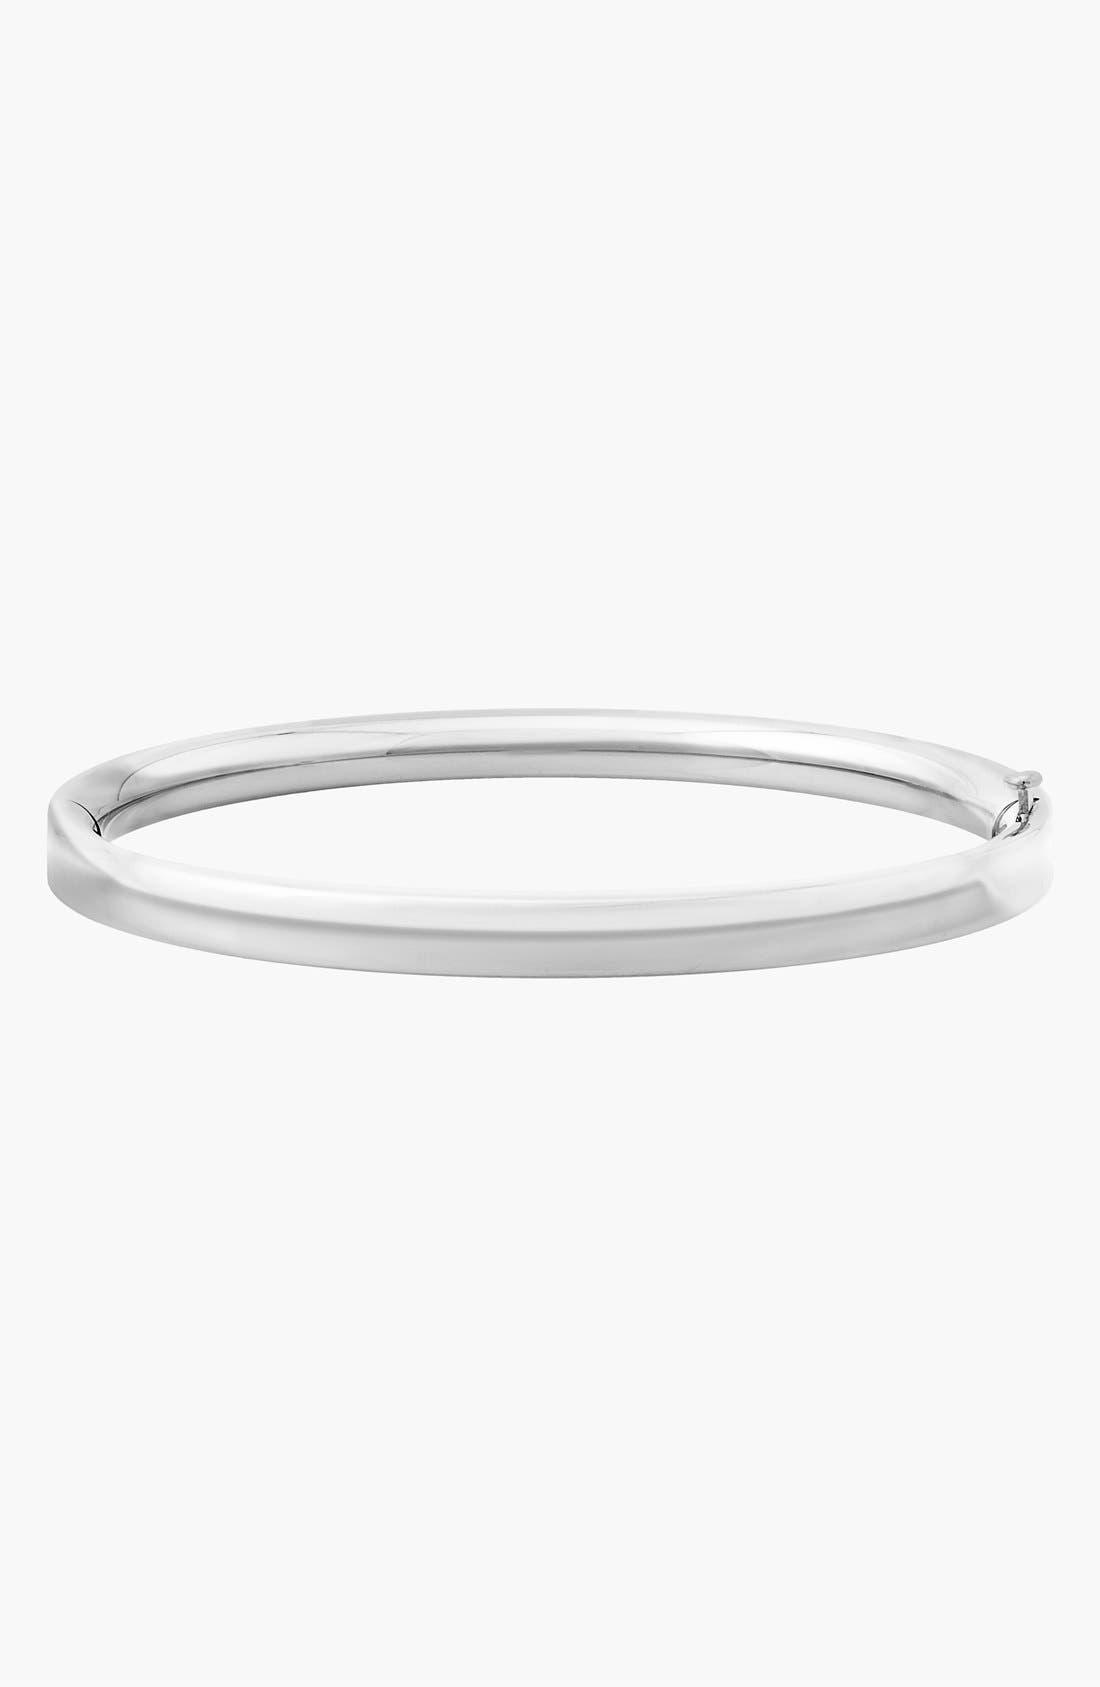 14k White Gold Bracelet,                         Main,                         color, White Gold